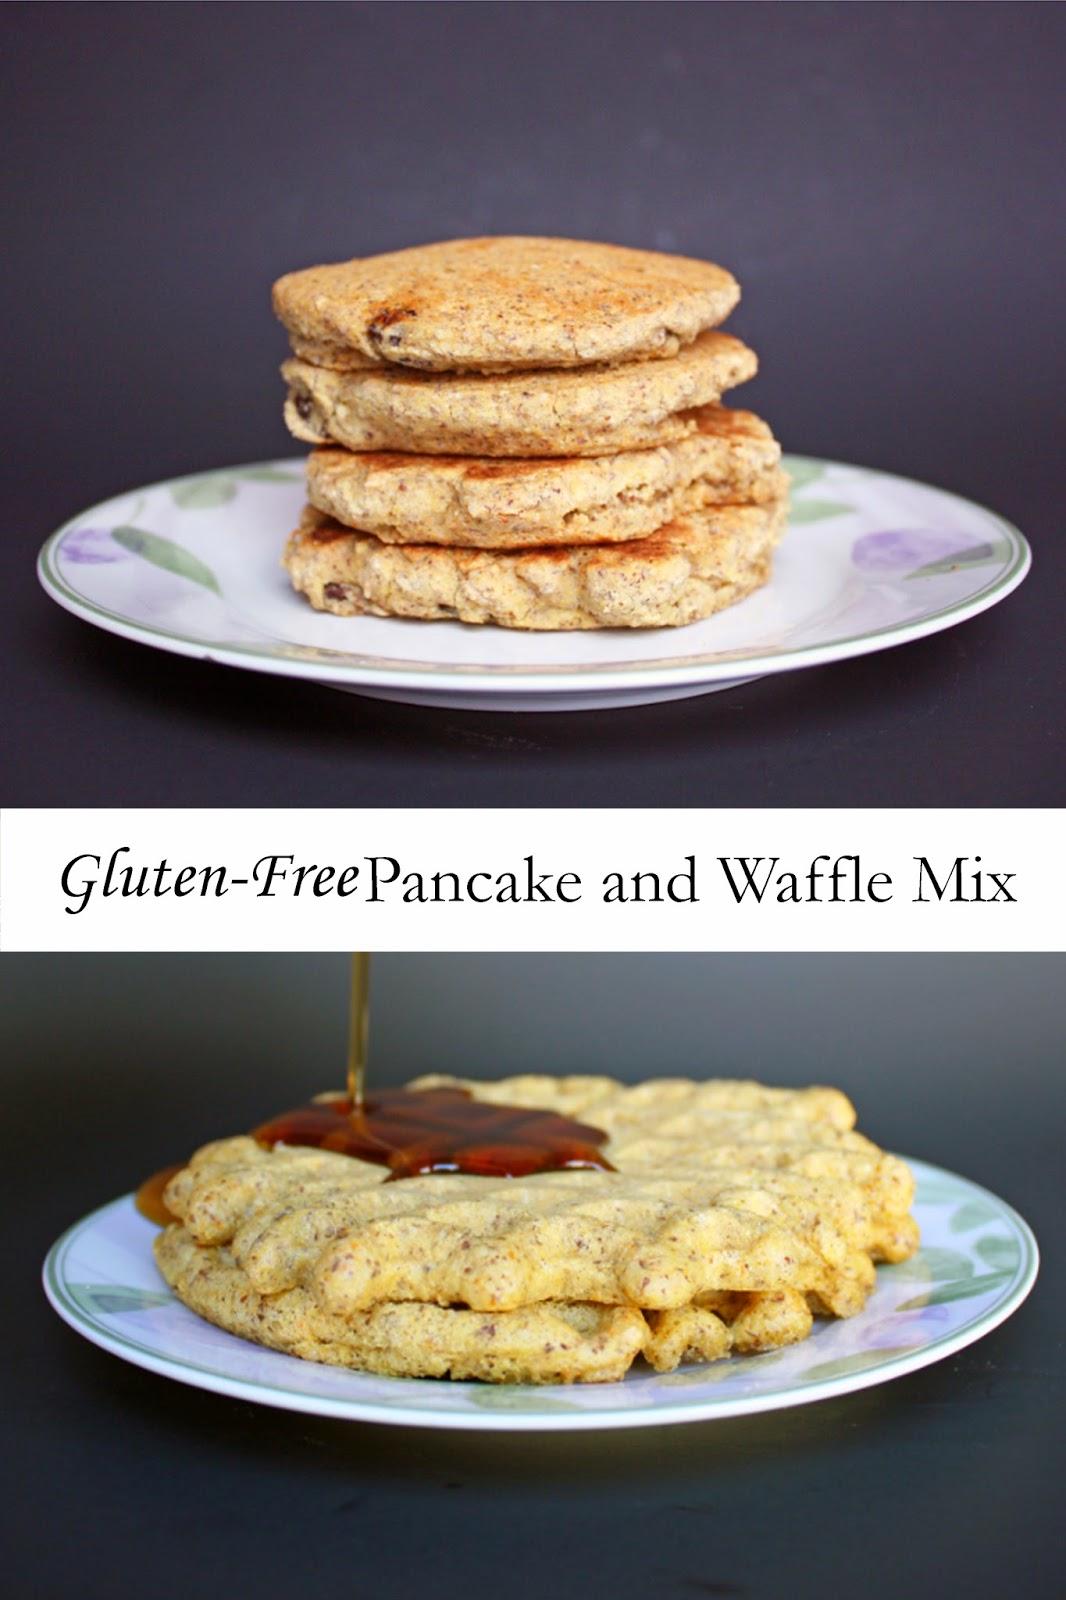 gluten-free pancake and waffle mix